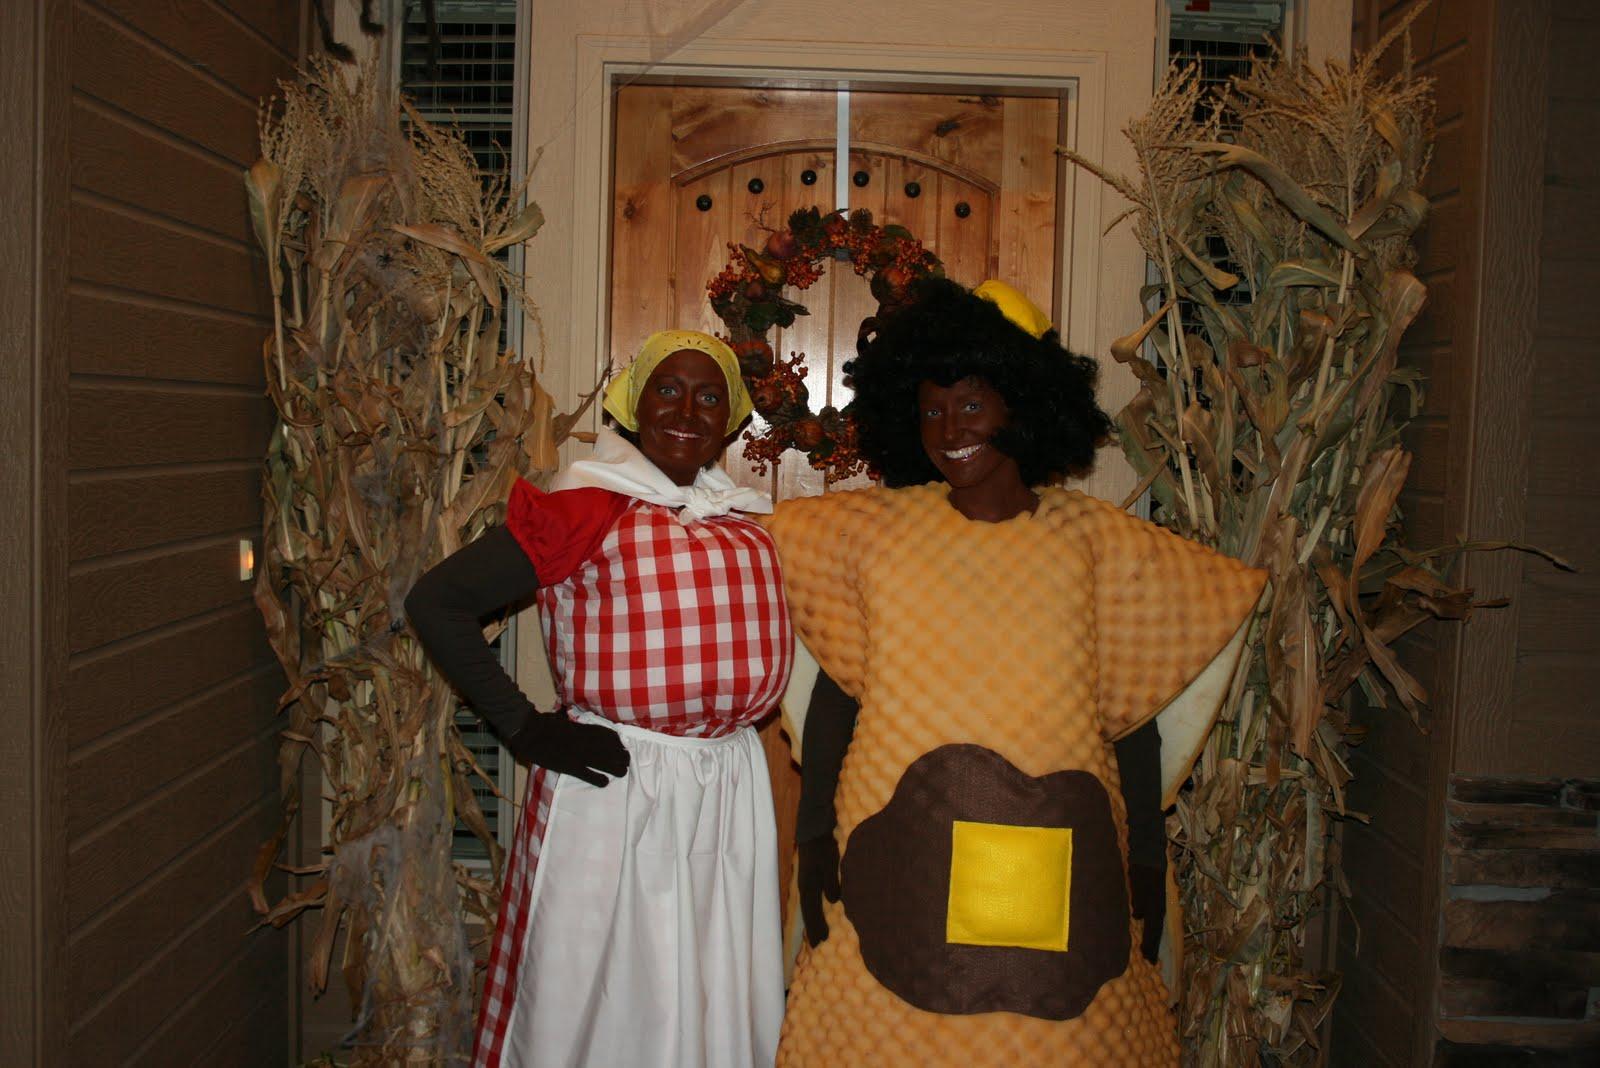 Aunt jemima costume